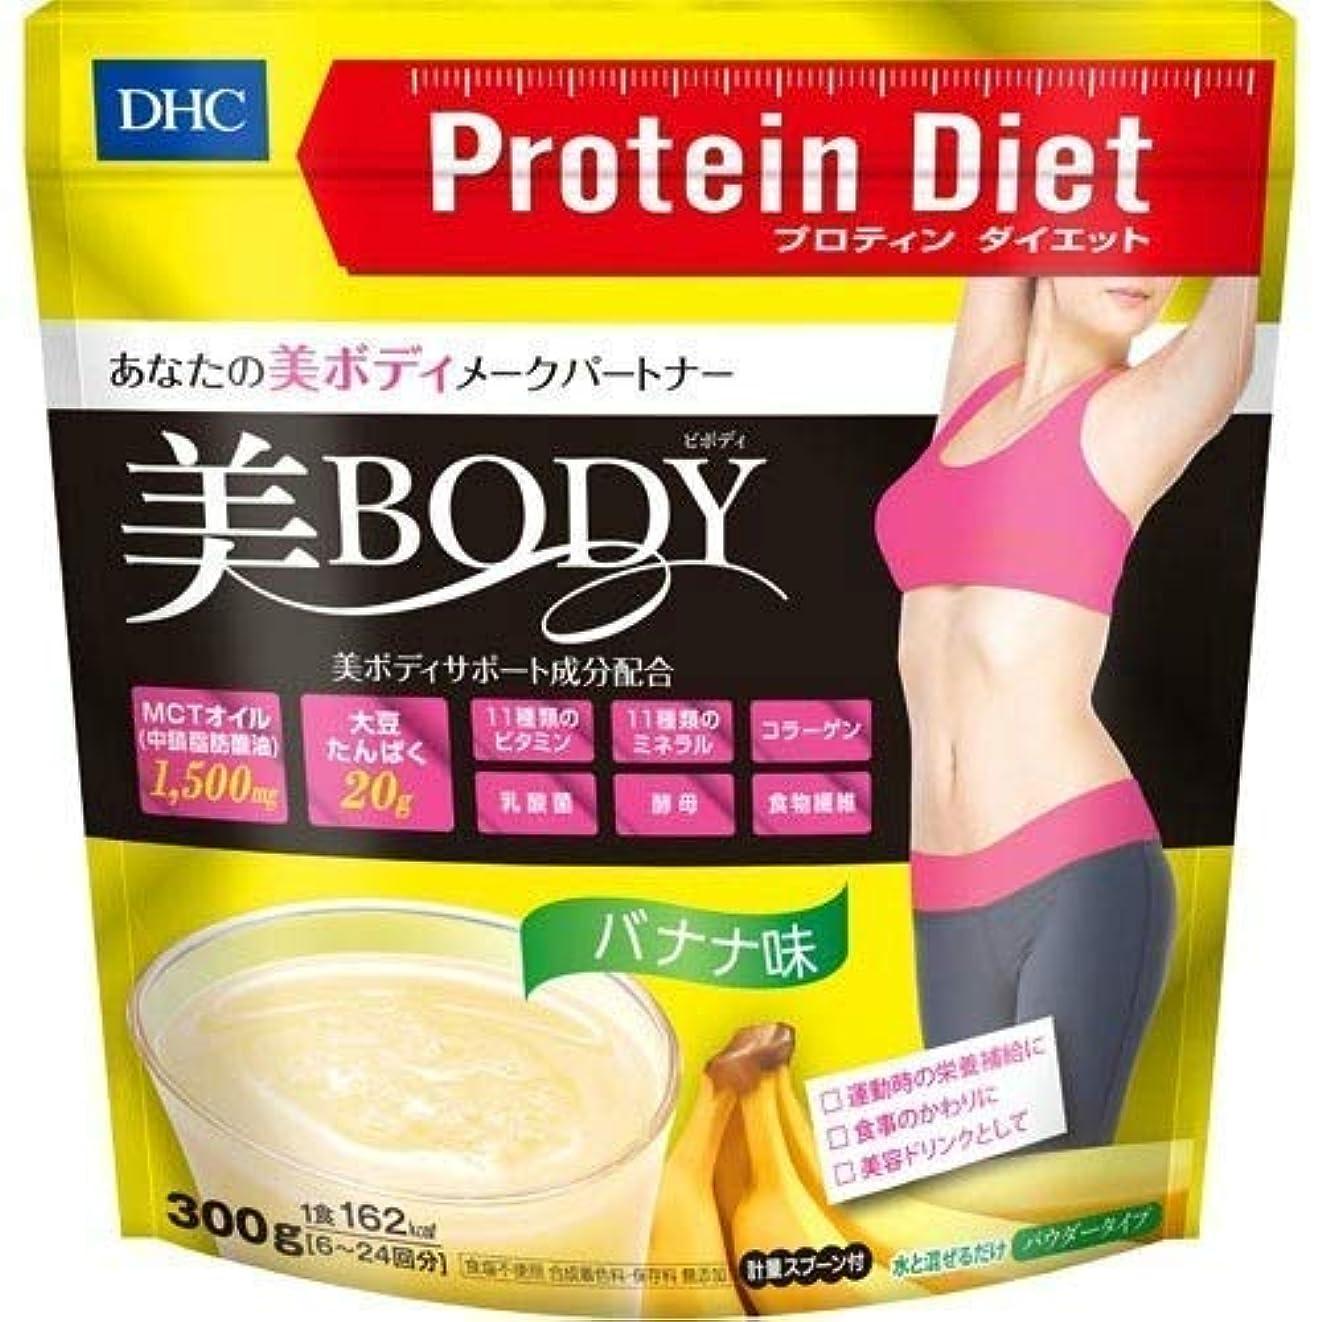 恵みしわアクションDHC プロテインダイエット 美Body バナナ味 300g×2個